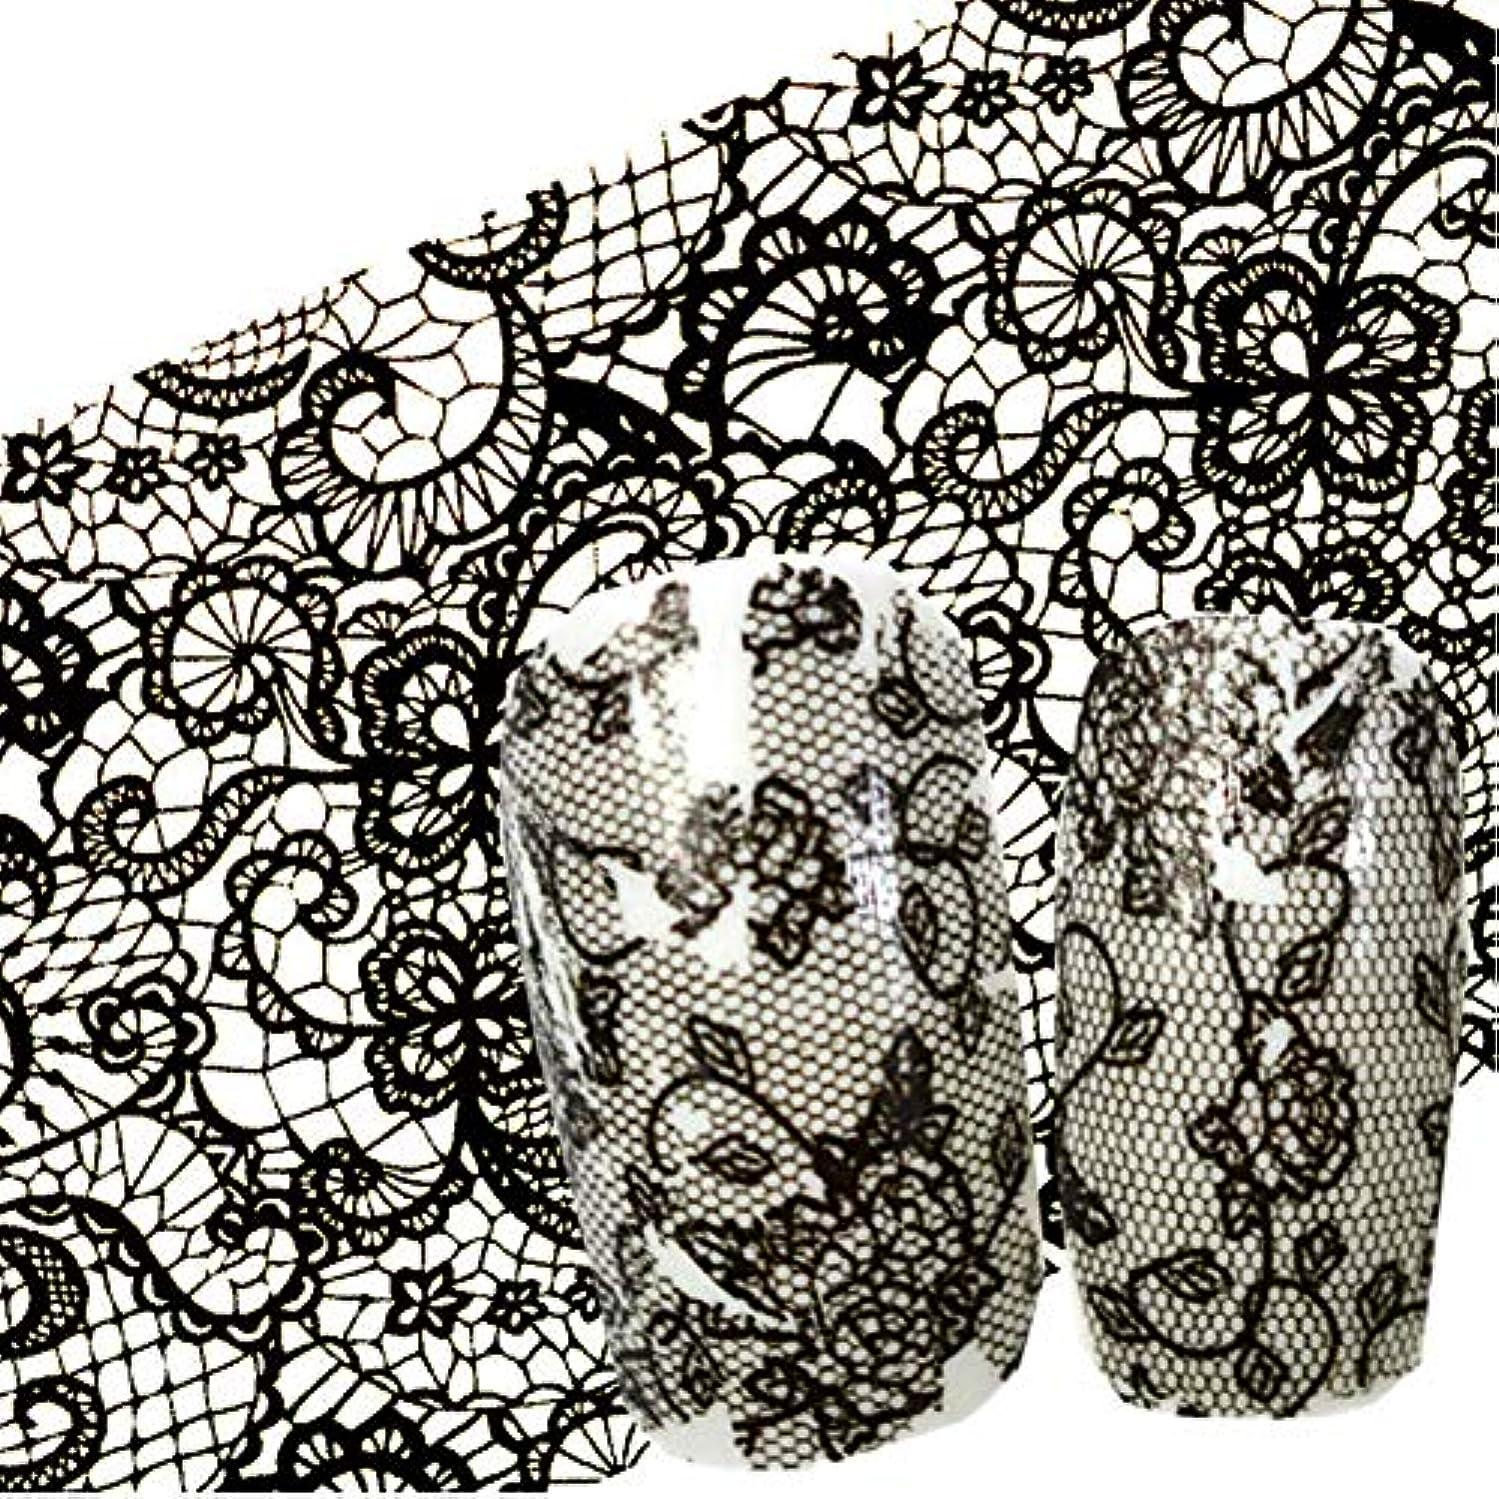 考古学者計算するくすぐったいSUKTI&XIAO ネイルステッカー 100X4 Cmネイルアート黒花レースマニキュアネイルアートネイルペーストグルーフィルムフラッシュ美容デザイン